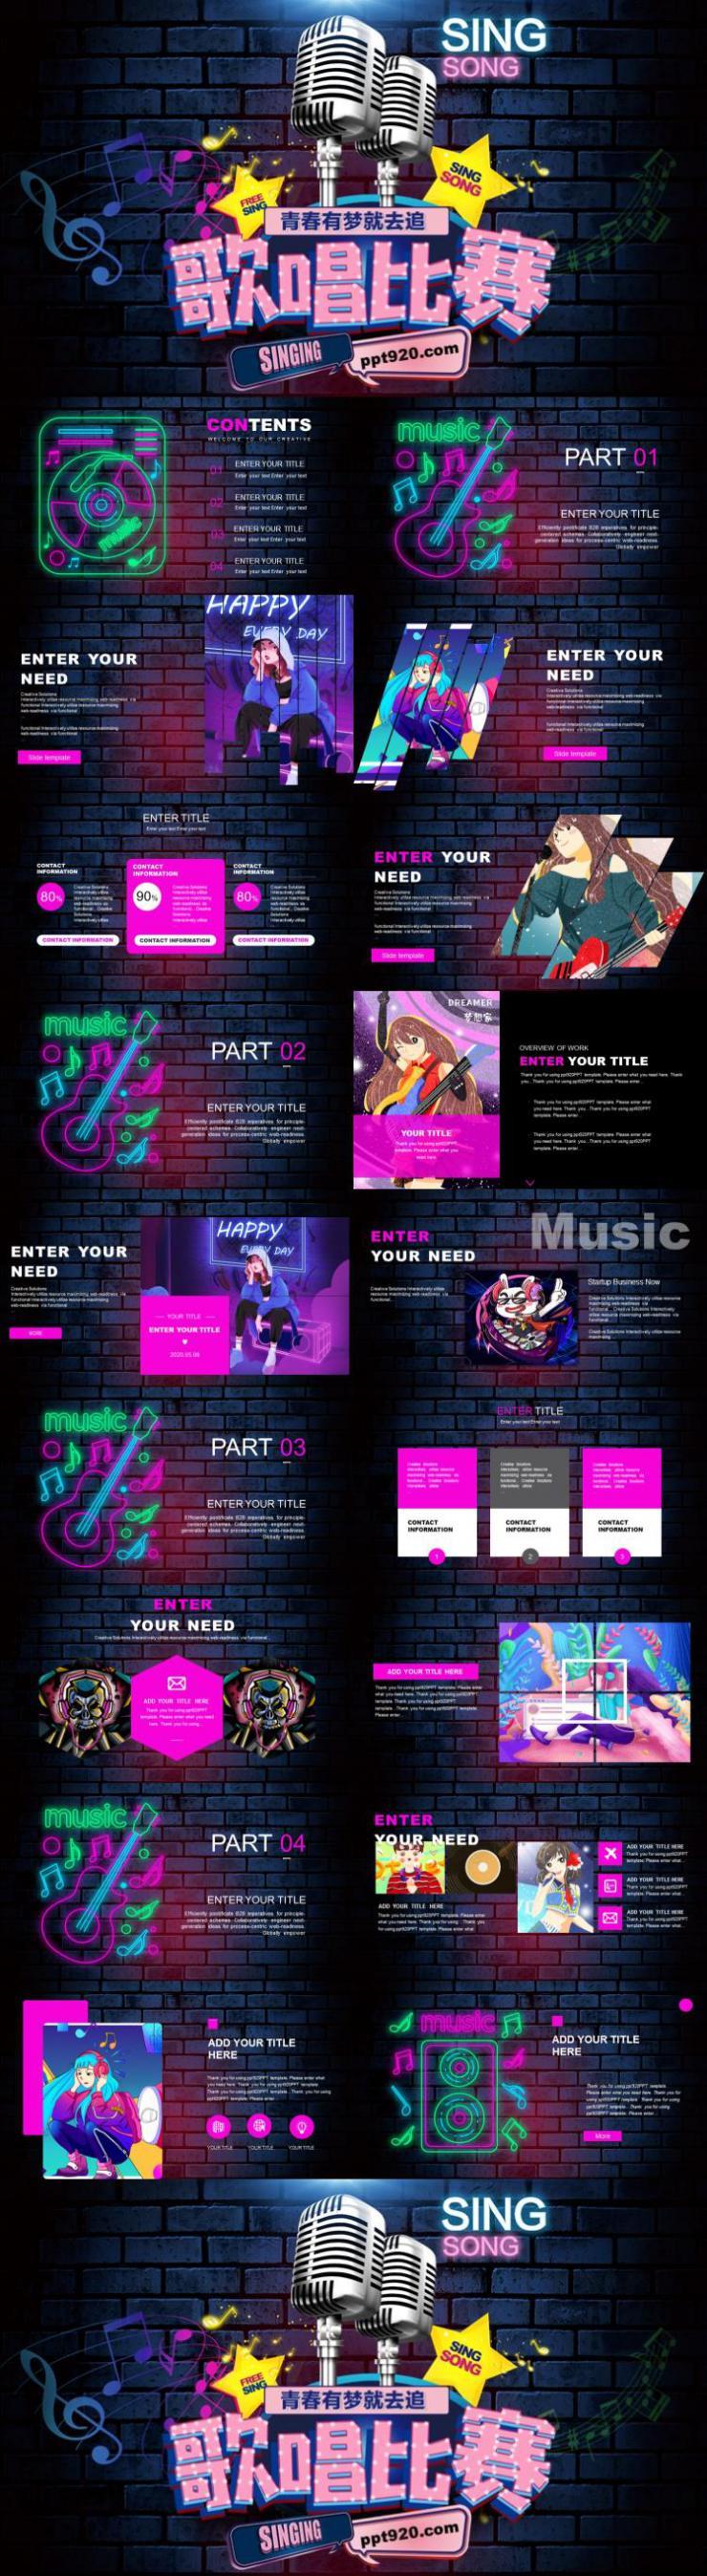 时尚炫彩音乐唱歌比赛活动宣传PPT模板